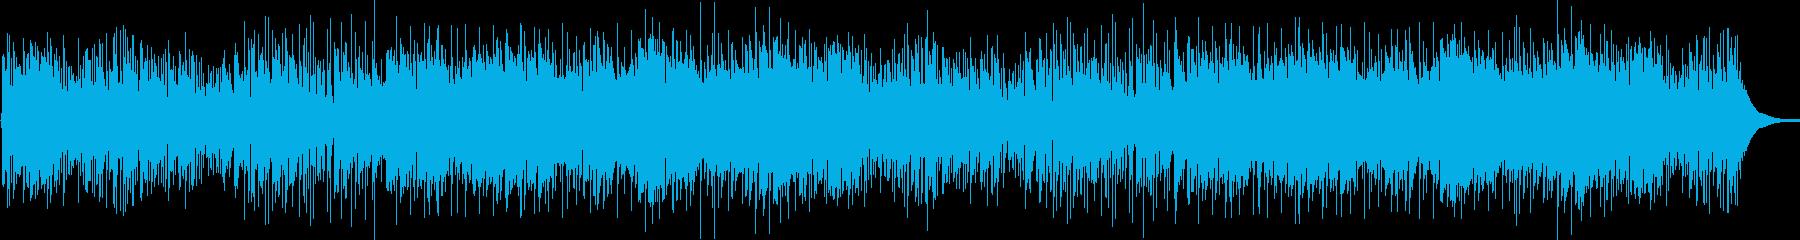 ピアノのロマンチックな背景の歌の再生済みの波形